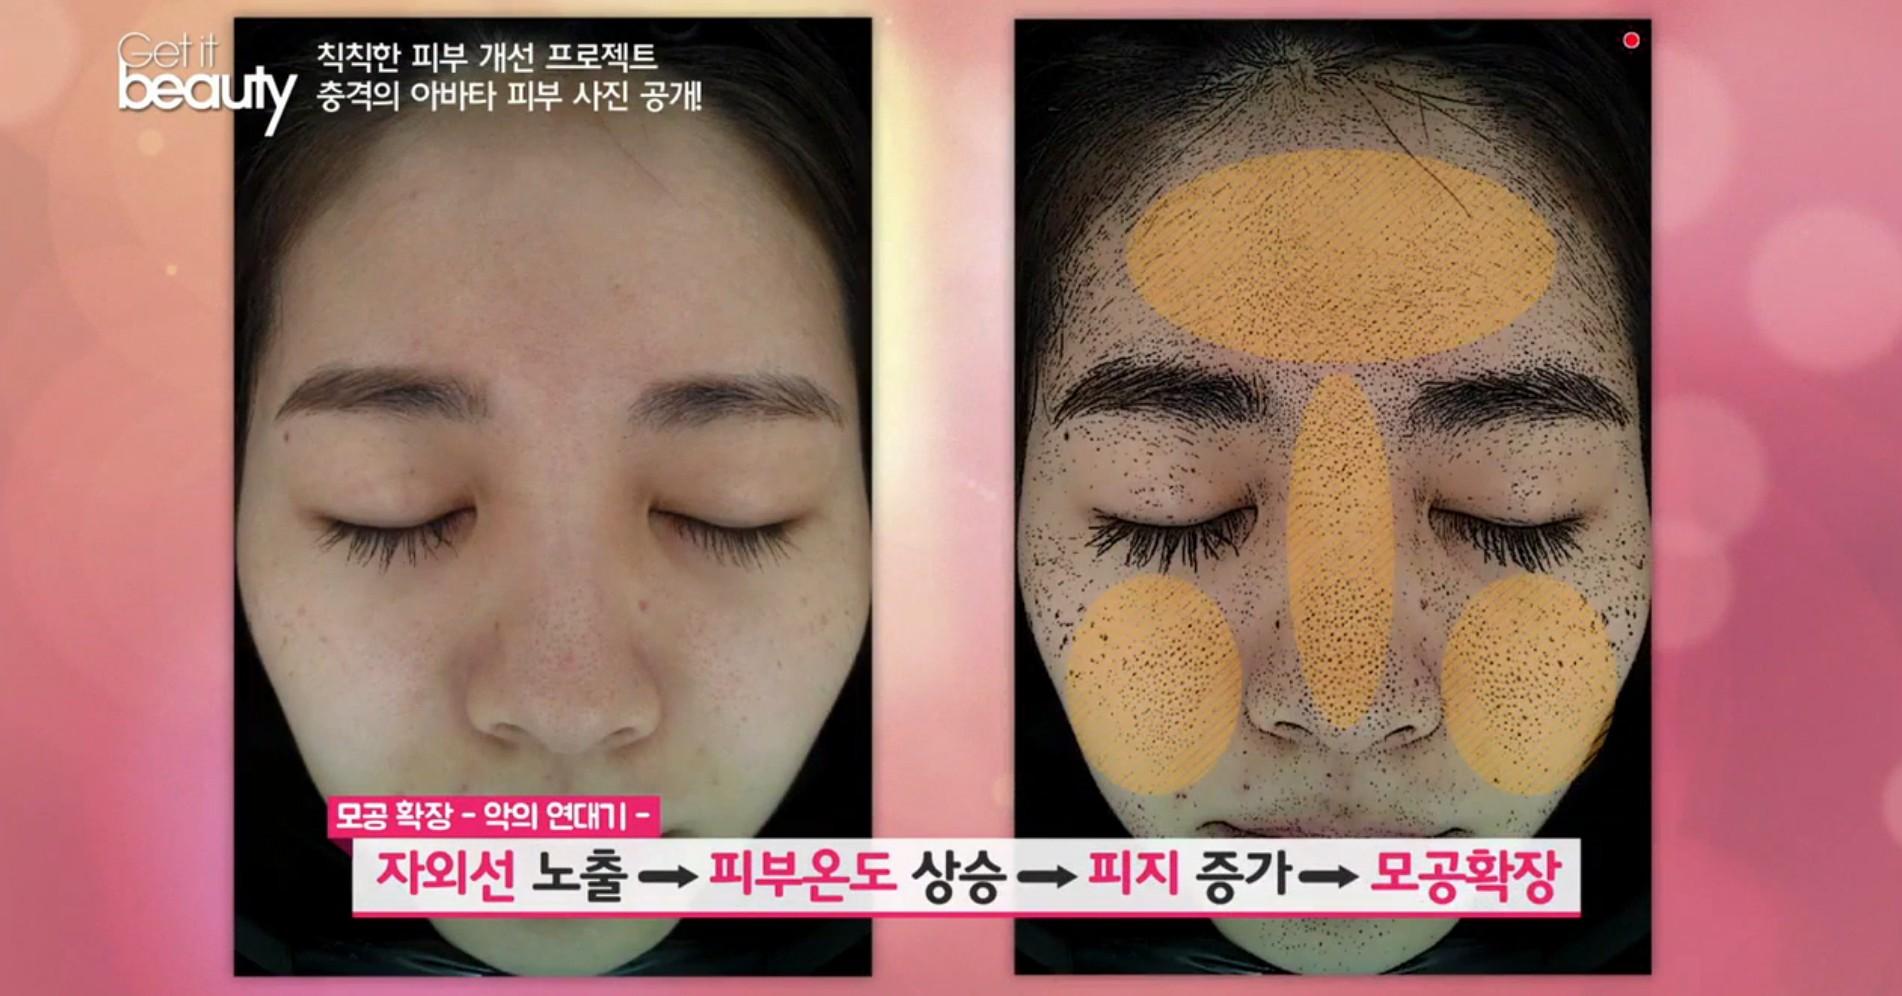 專家表示,毛孔經過日曬後因為臉部溫度上升,皮脂增加,加上管理不當,進而使毛孔又增大,可怕的無限循環因此導致肌膚暗沉無光,臉色蠟黃!